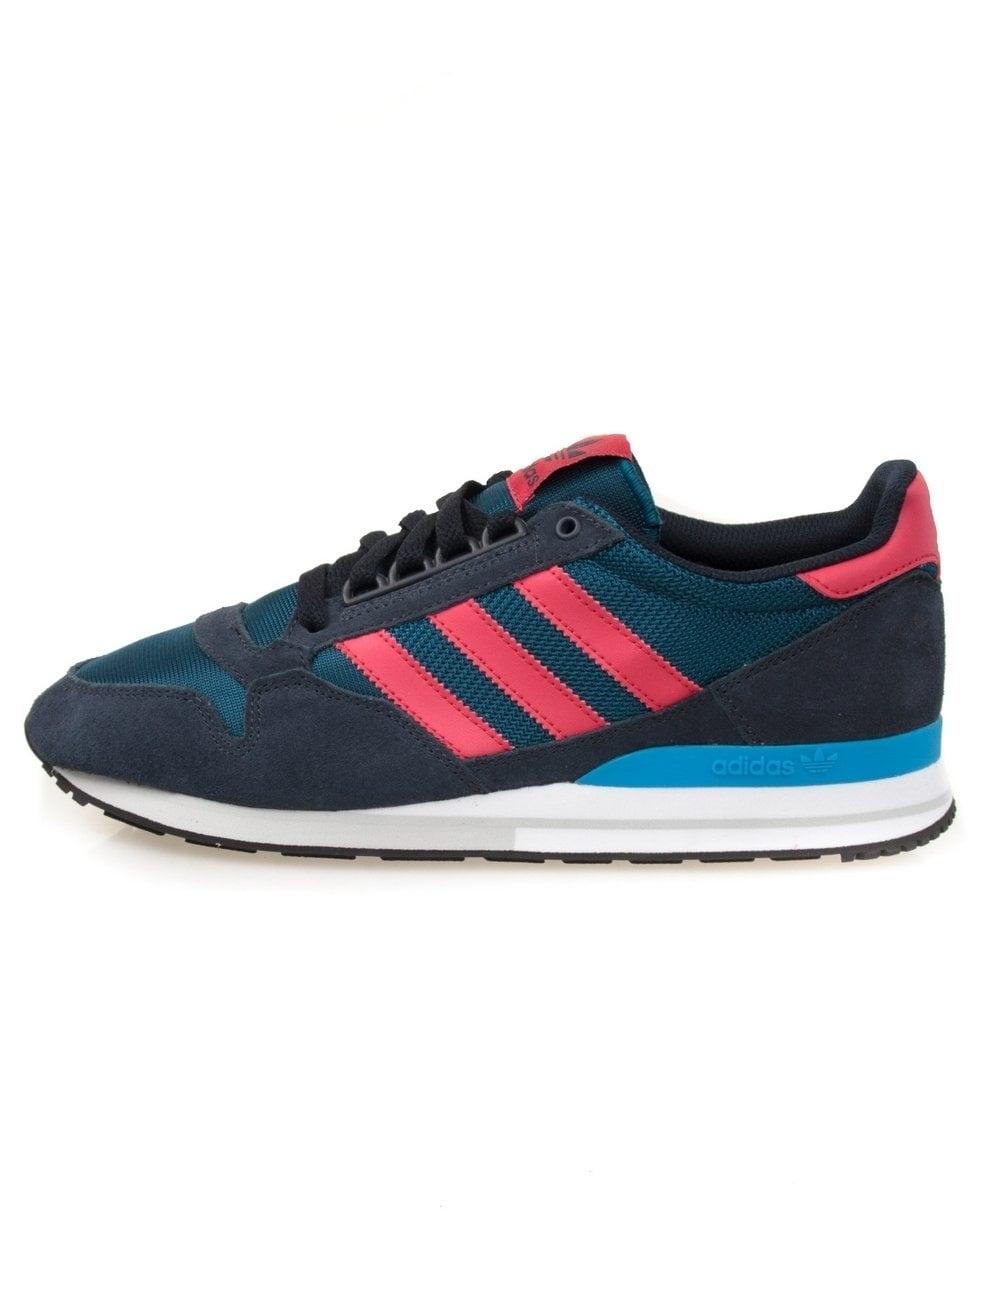 e5332b9a41dfc Adidas Originals Adidas ZX 500 OG - Tribe Blue - Footwear from Fat ...